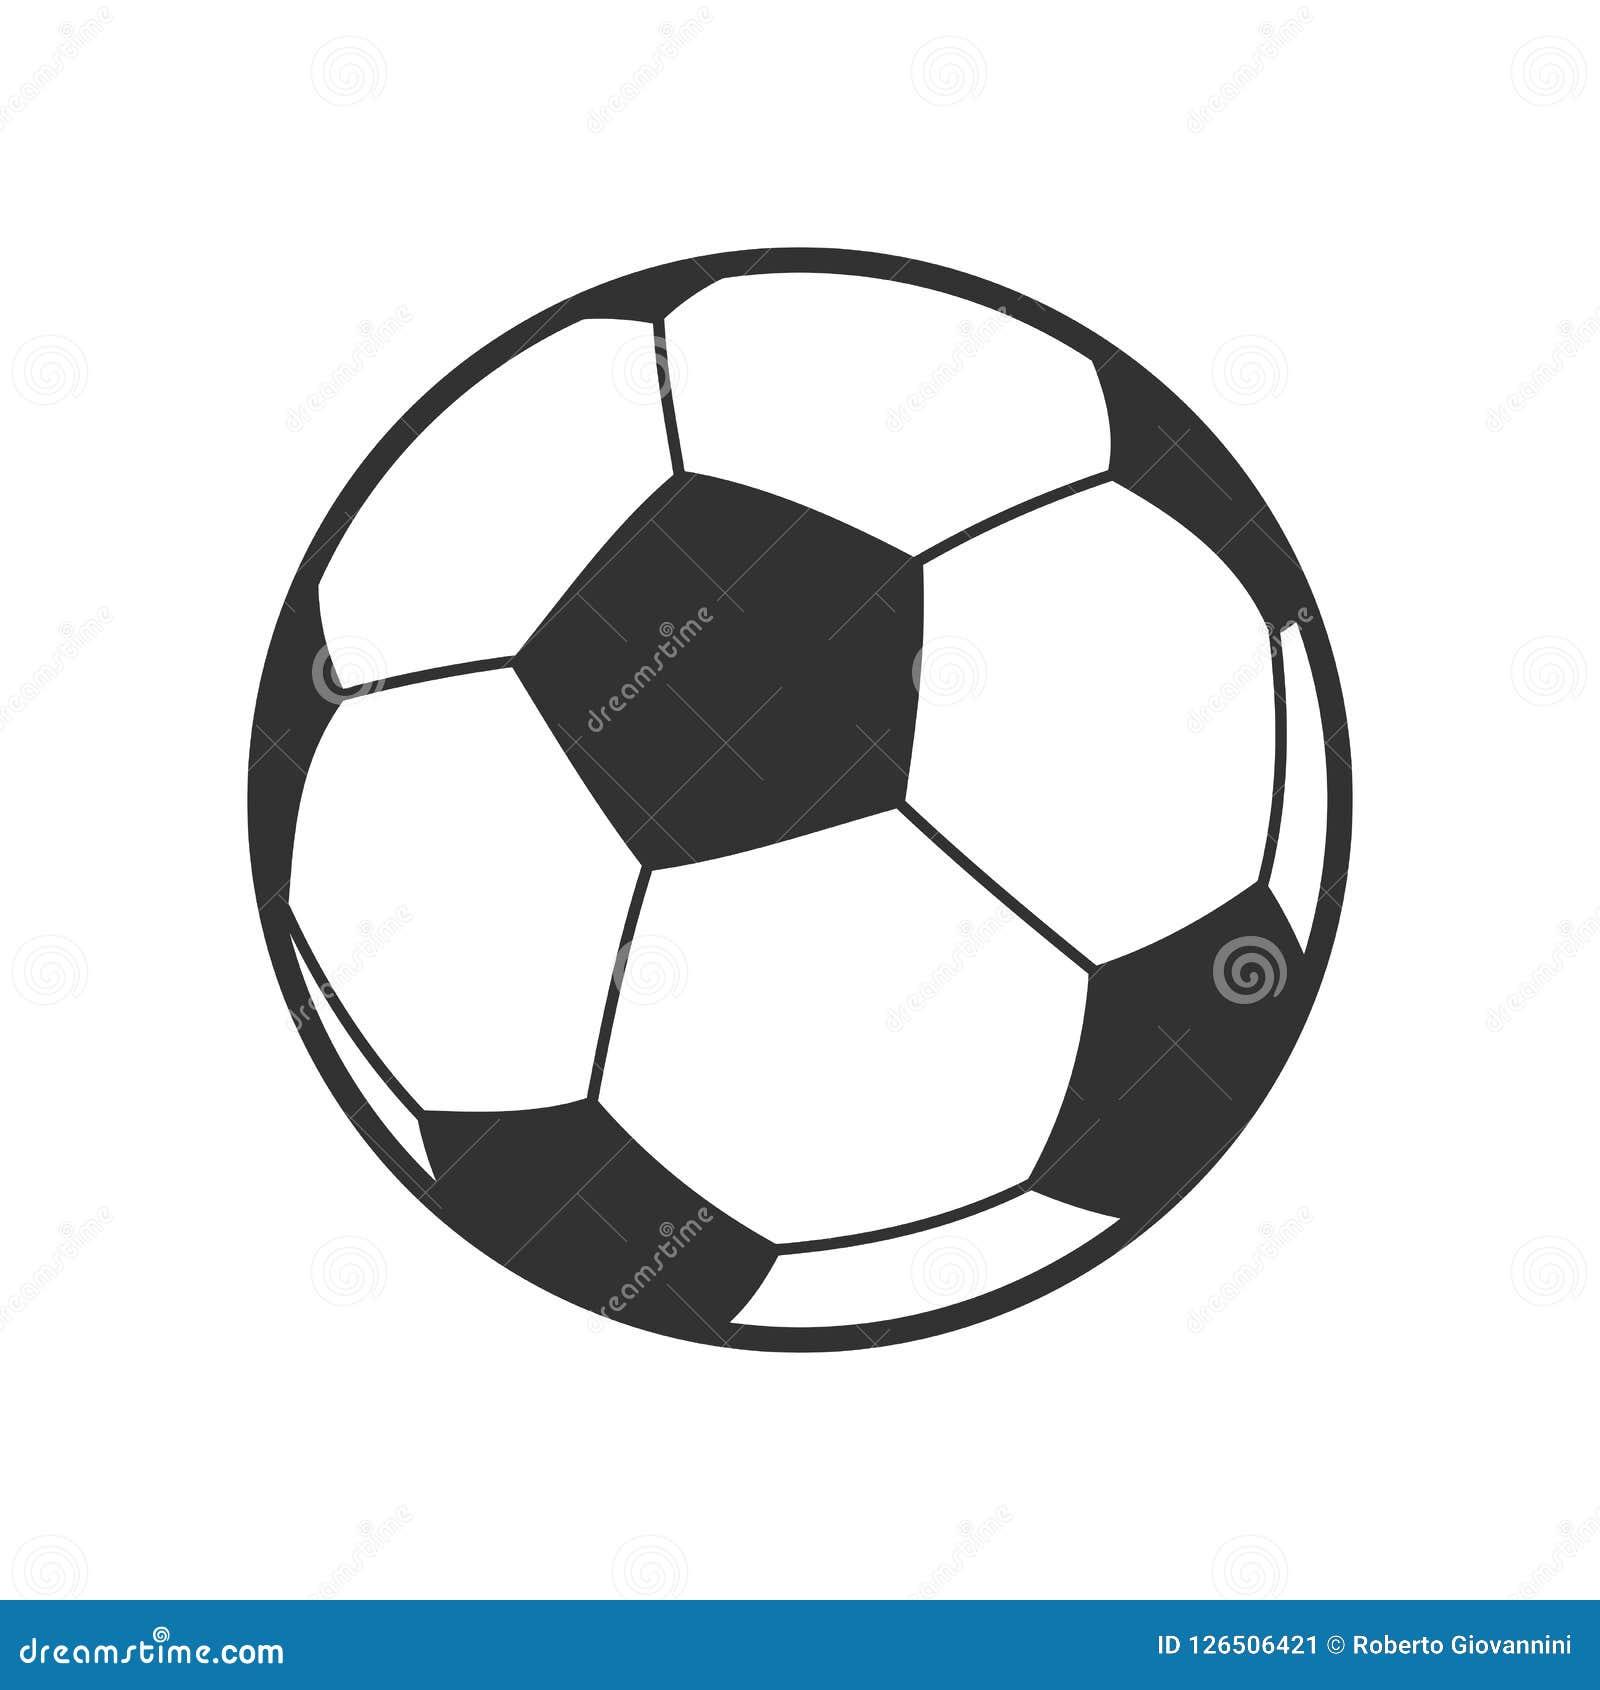 Icono del esquema del balón del fútbol o de fútbol en blanco